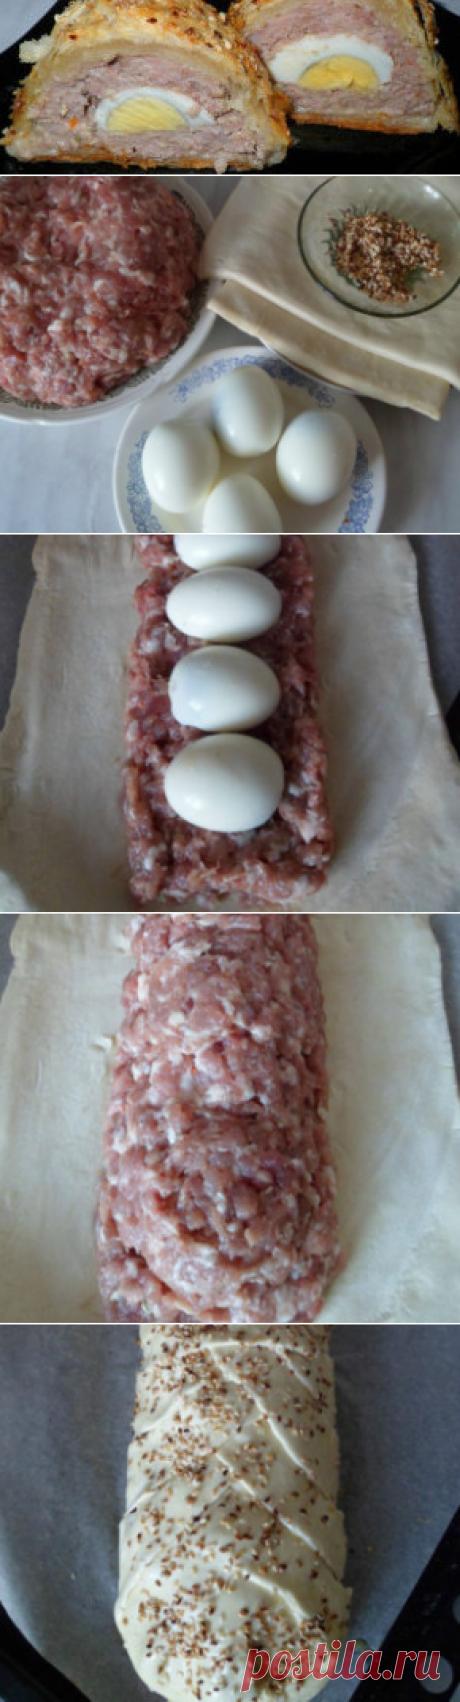 подборка рецепты пошаговое фото томаты насыщенный вкусовой